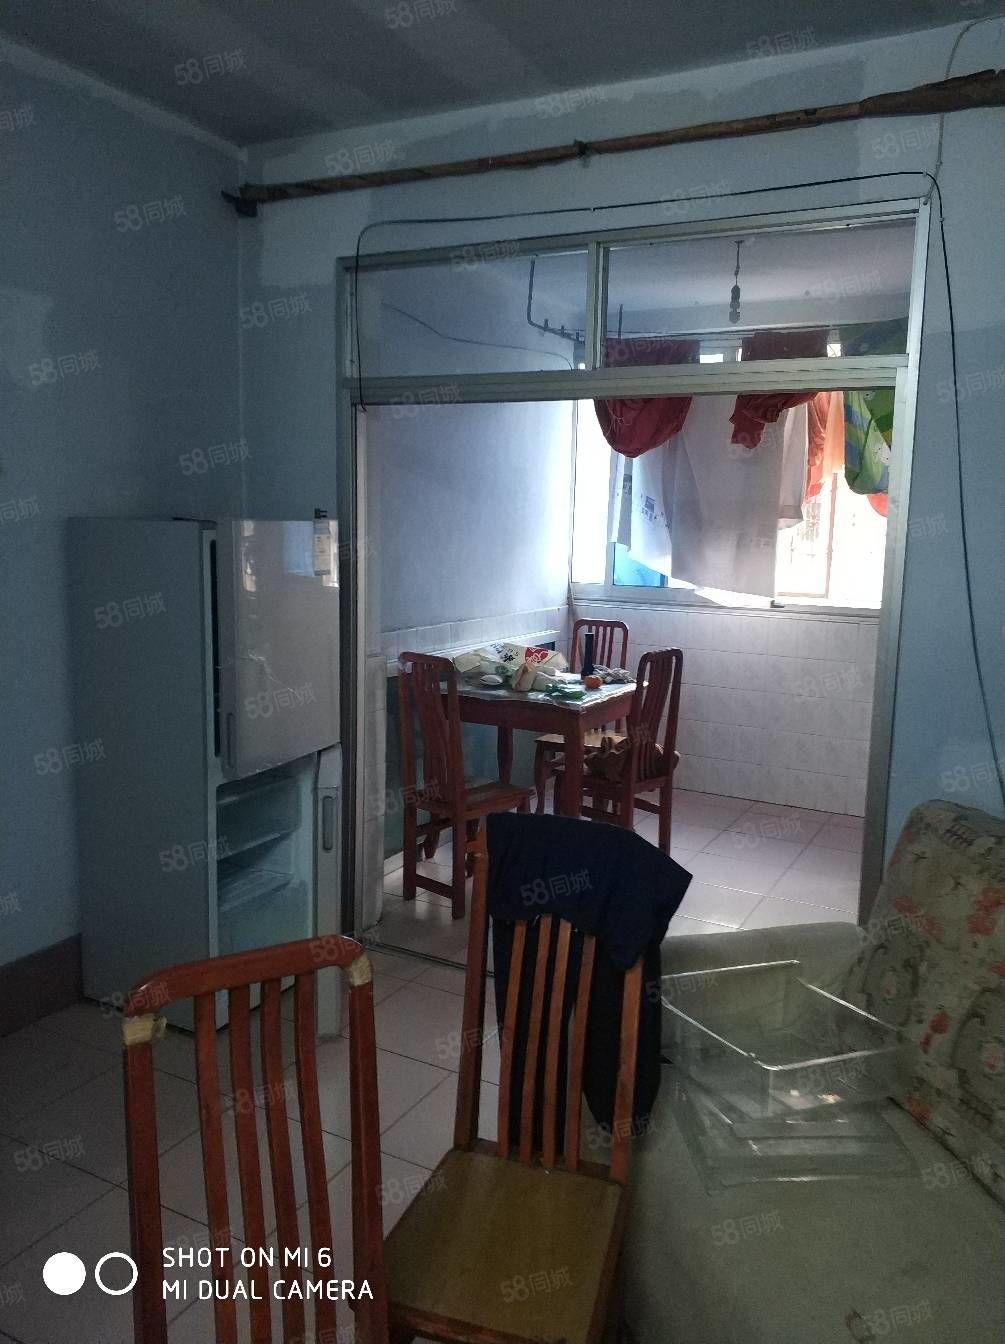 中心地段小区中庭空调外家具家电齐全拎包入住